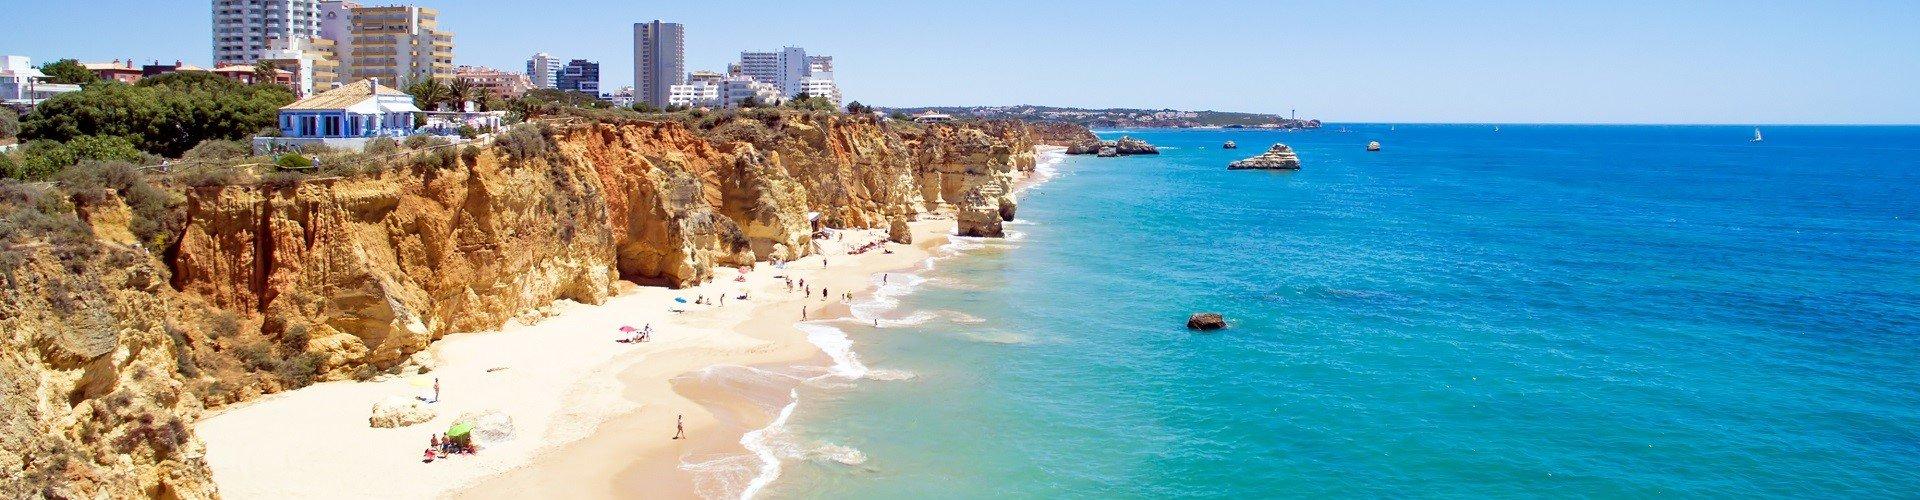 Ausflugsziel Praia da Rocha